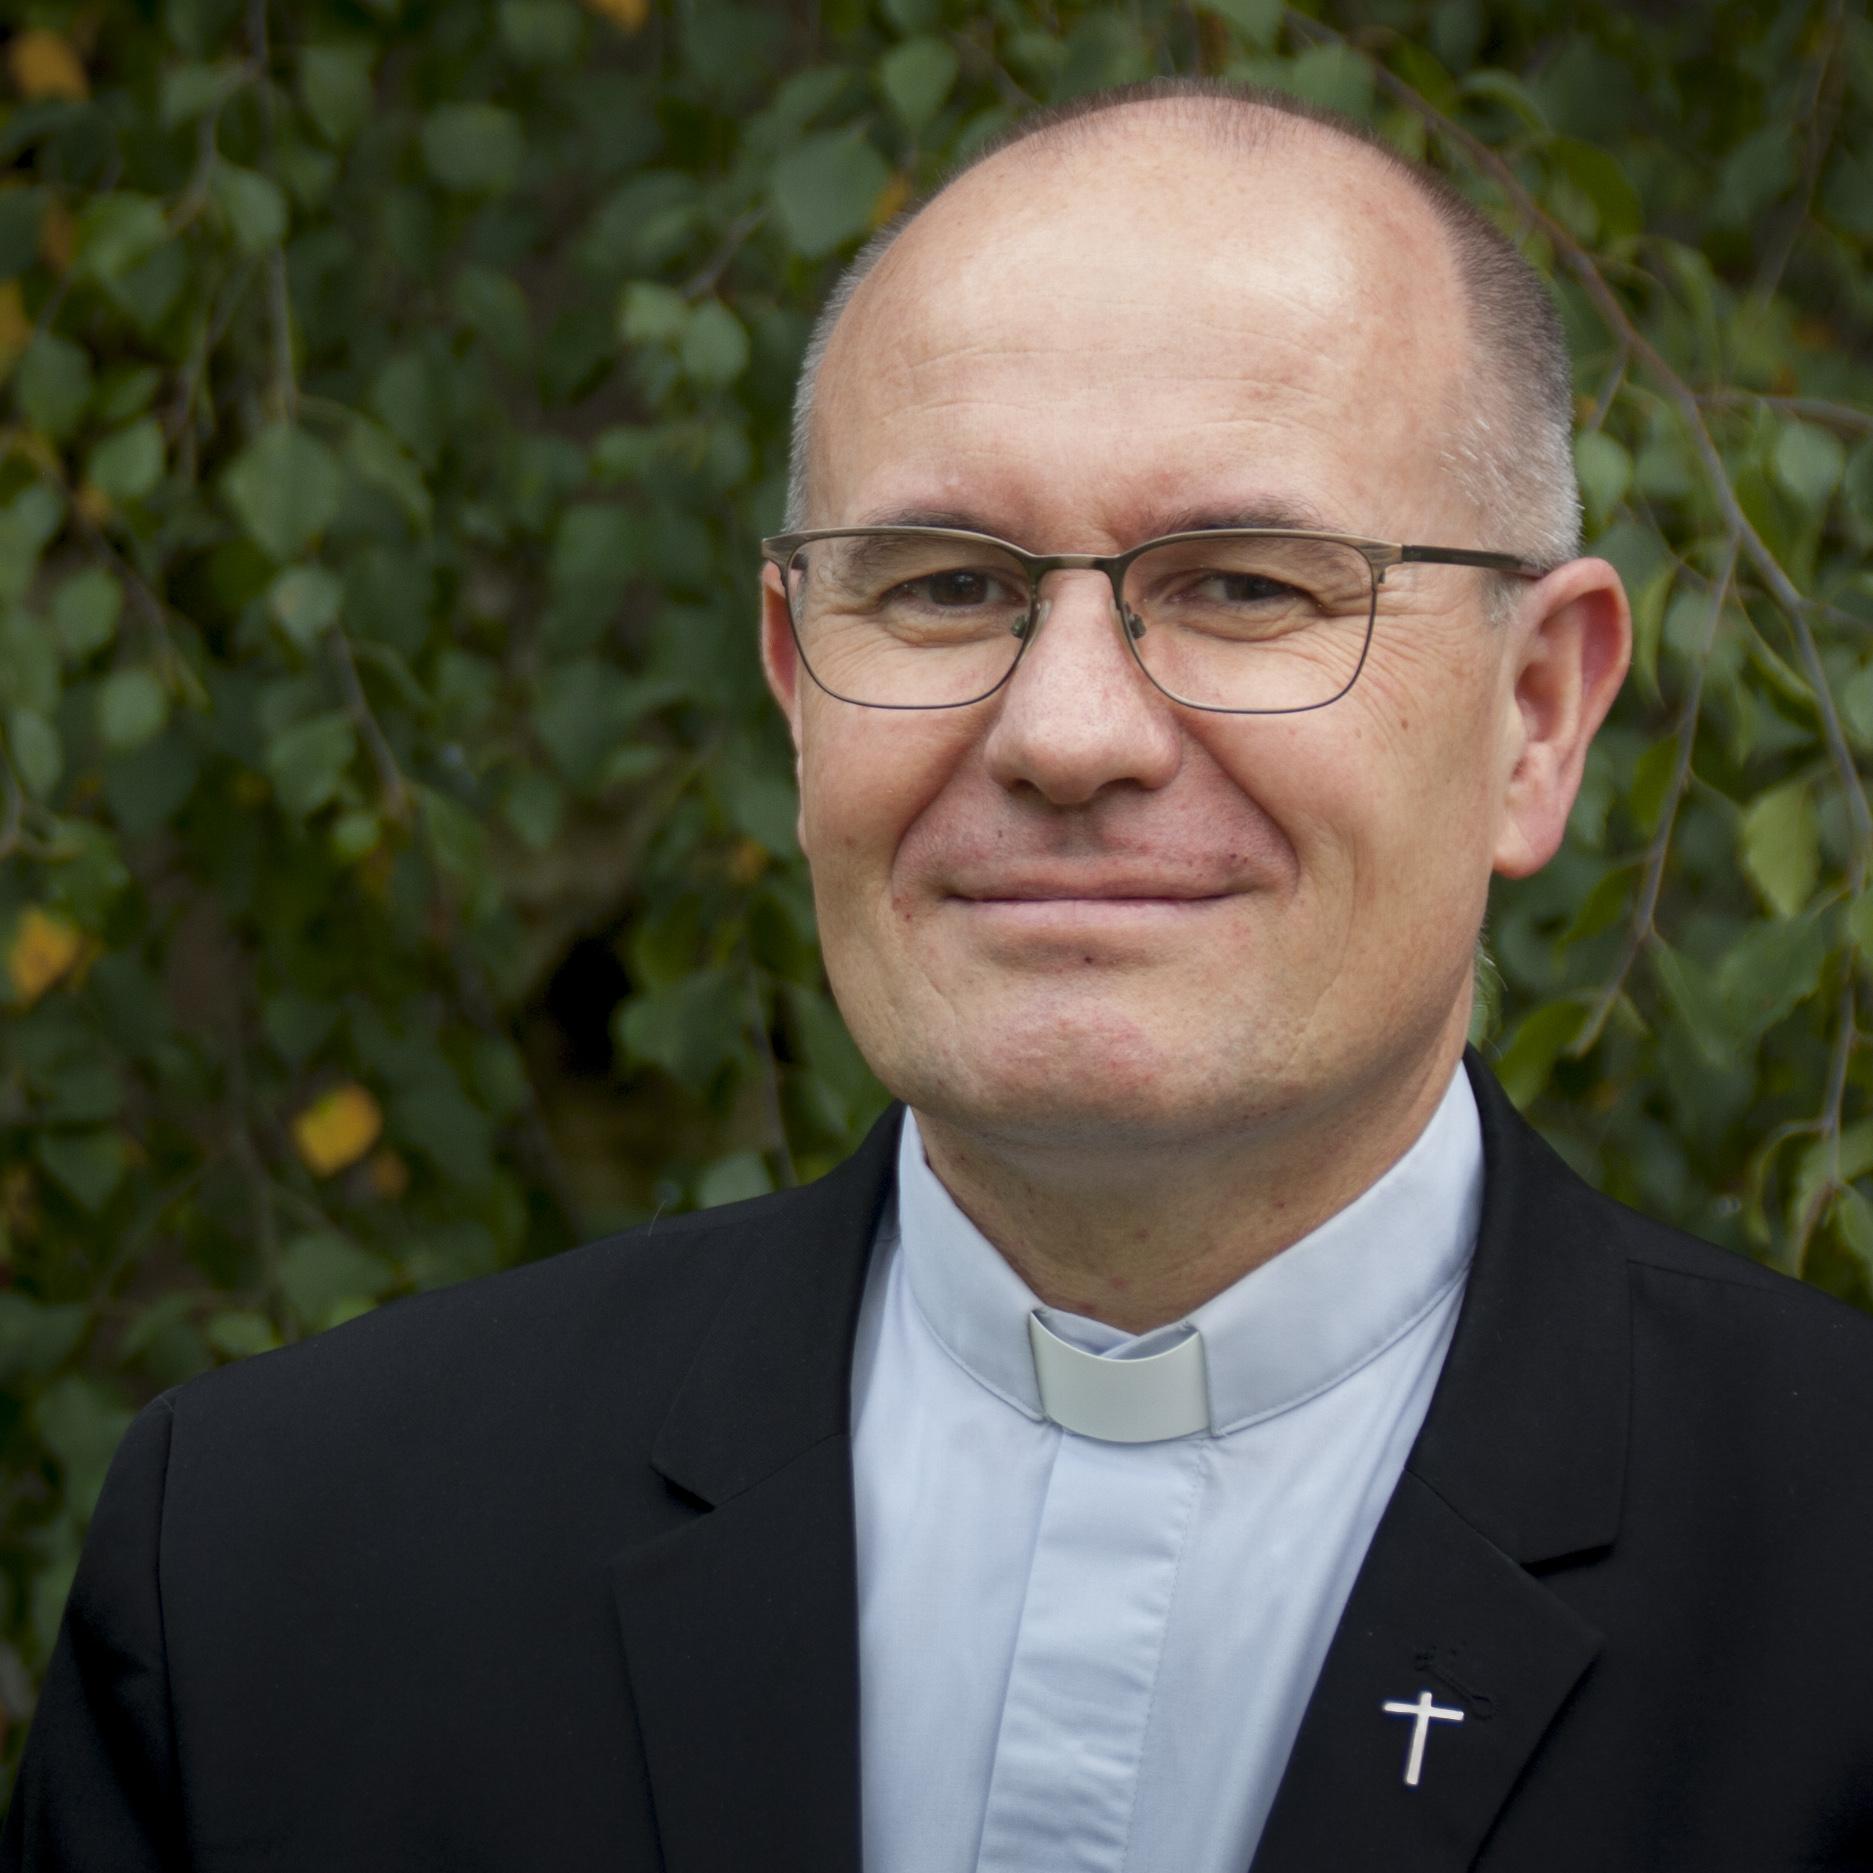 """Sans foi, pas de vocations: """"prions pour plus de foi dans nos communautés"""""""